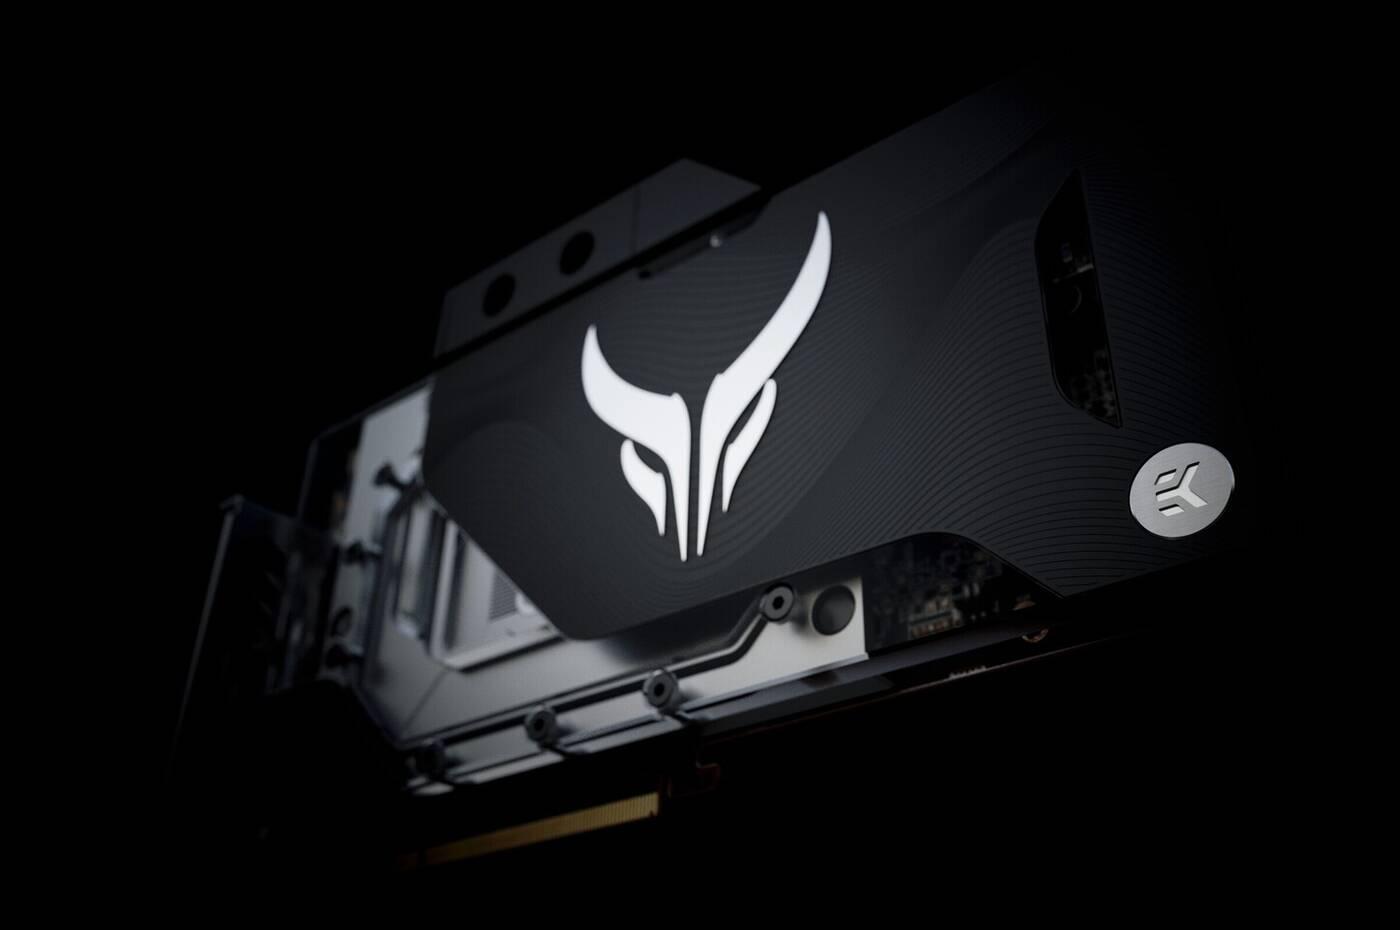 Seria Radeon RX 7000 może zapewnić AMD sukces na miarę Ryzenów